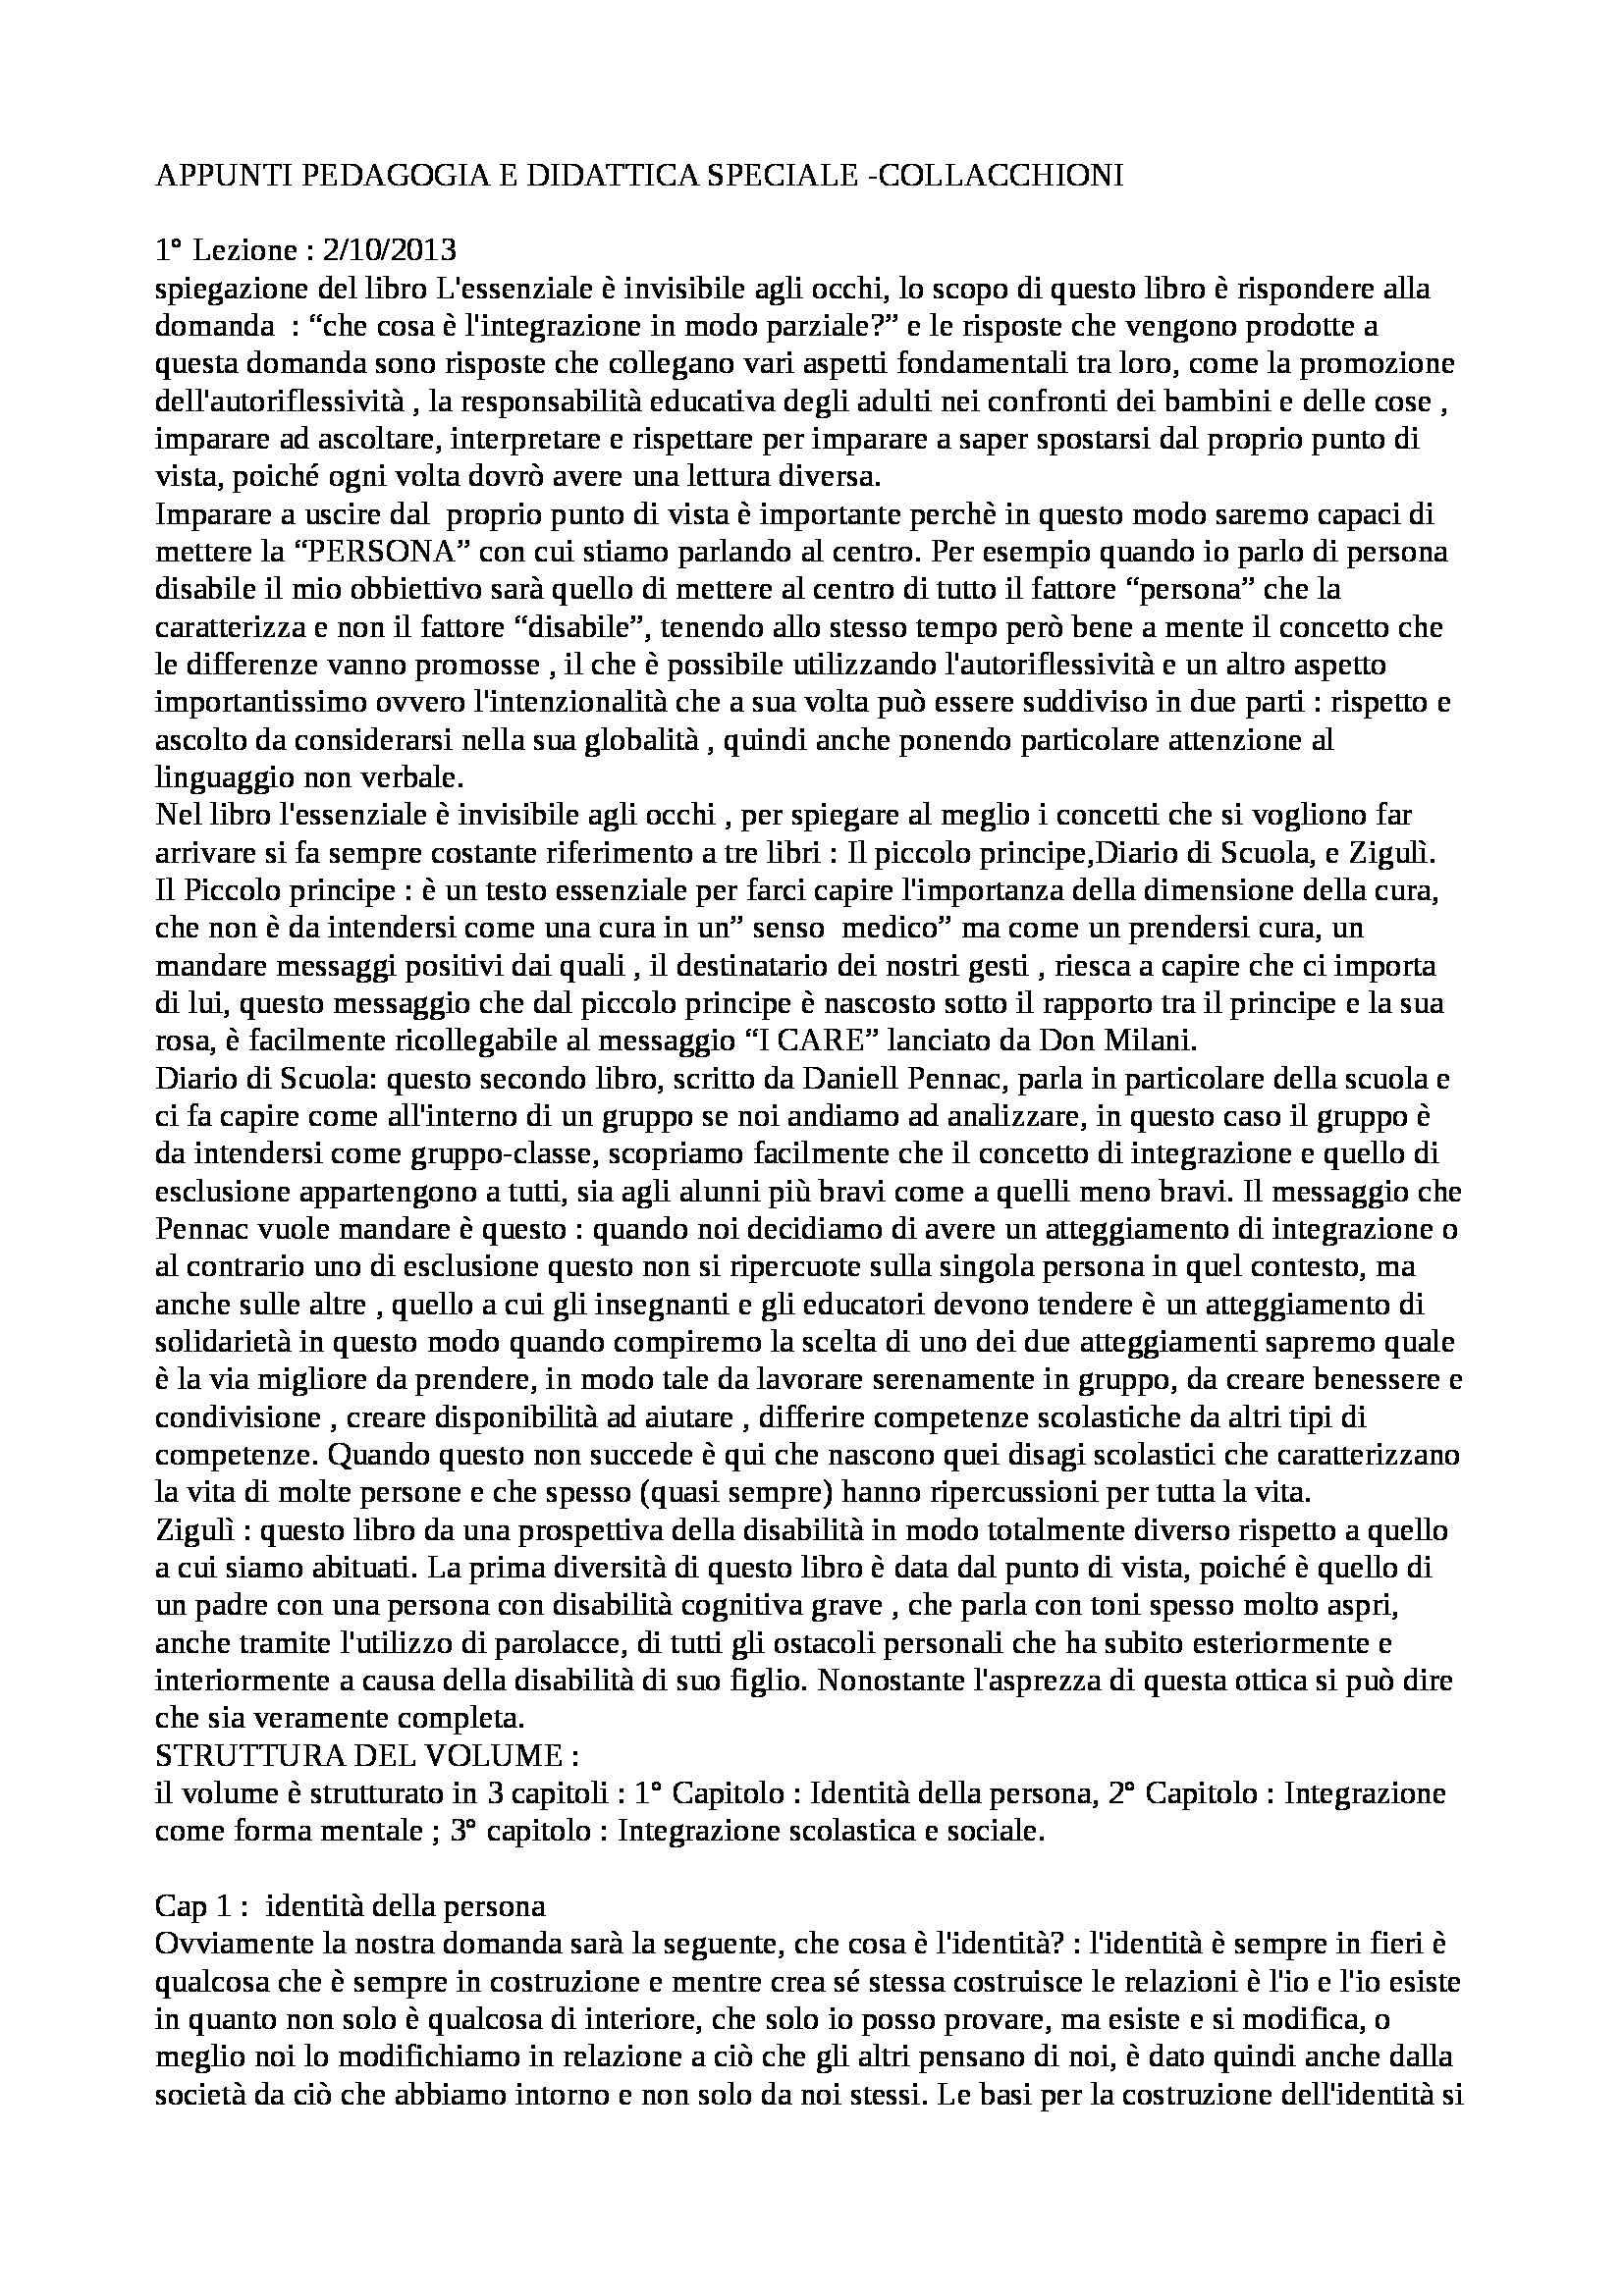 Pedagogia e Didattica speciale - Appunti